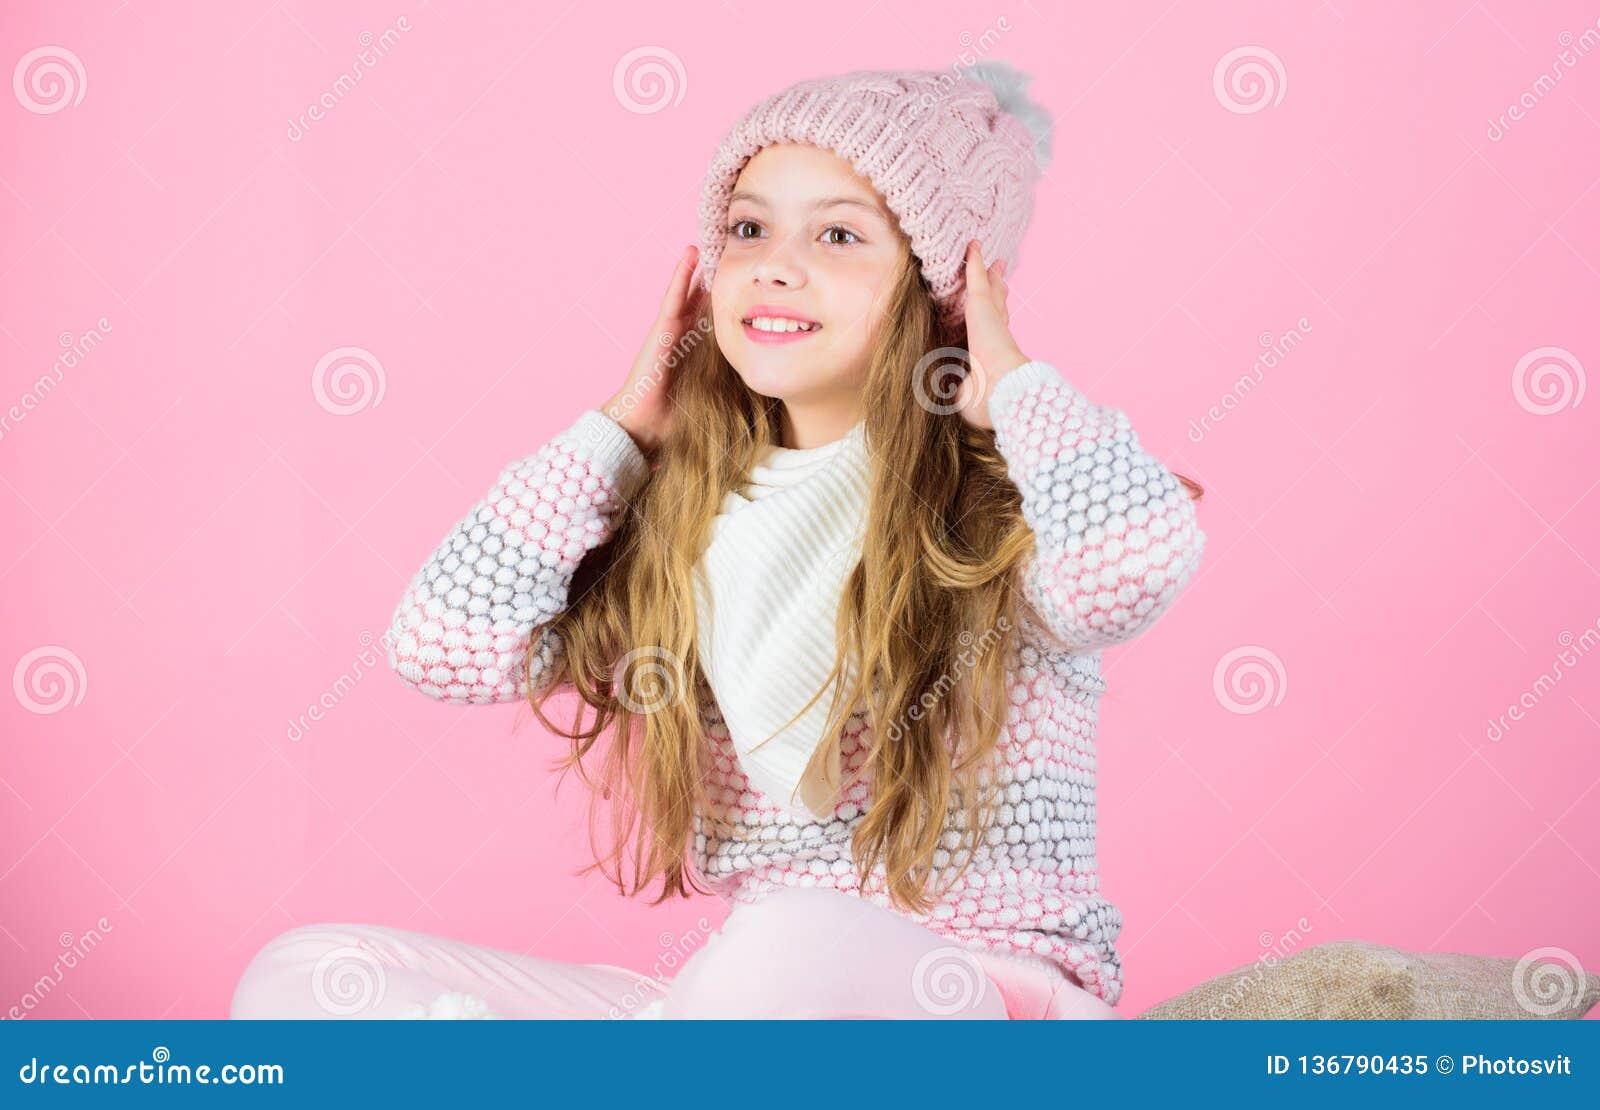 Acessório feito malha macio Pontas para importar-se com vestuários feitos malha Chapéu de lã macio morno do cabelo longo da crian